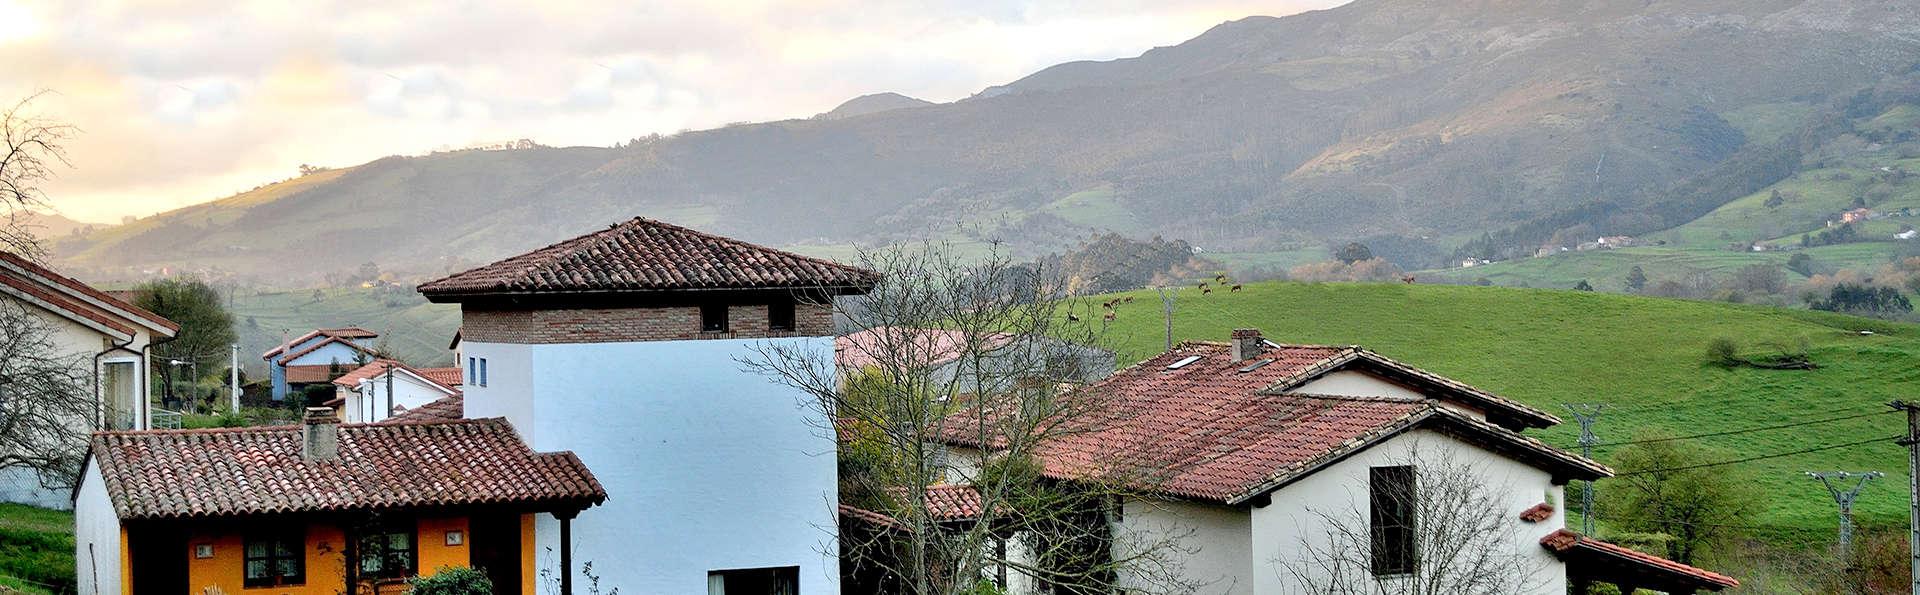 Escapade en pleine nature, dîner typique et dégustation de produits des Asturies (àpd 2 nuits)